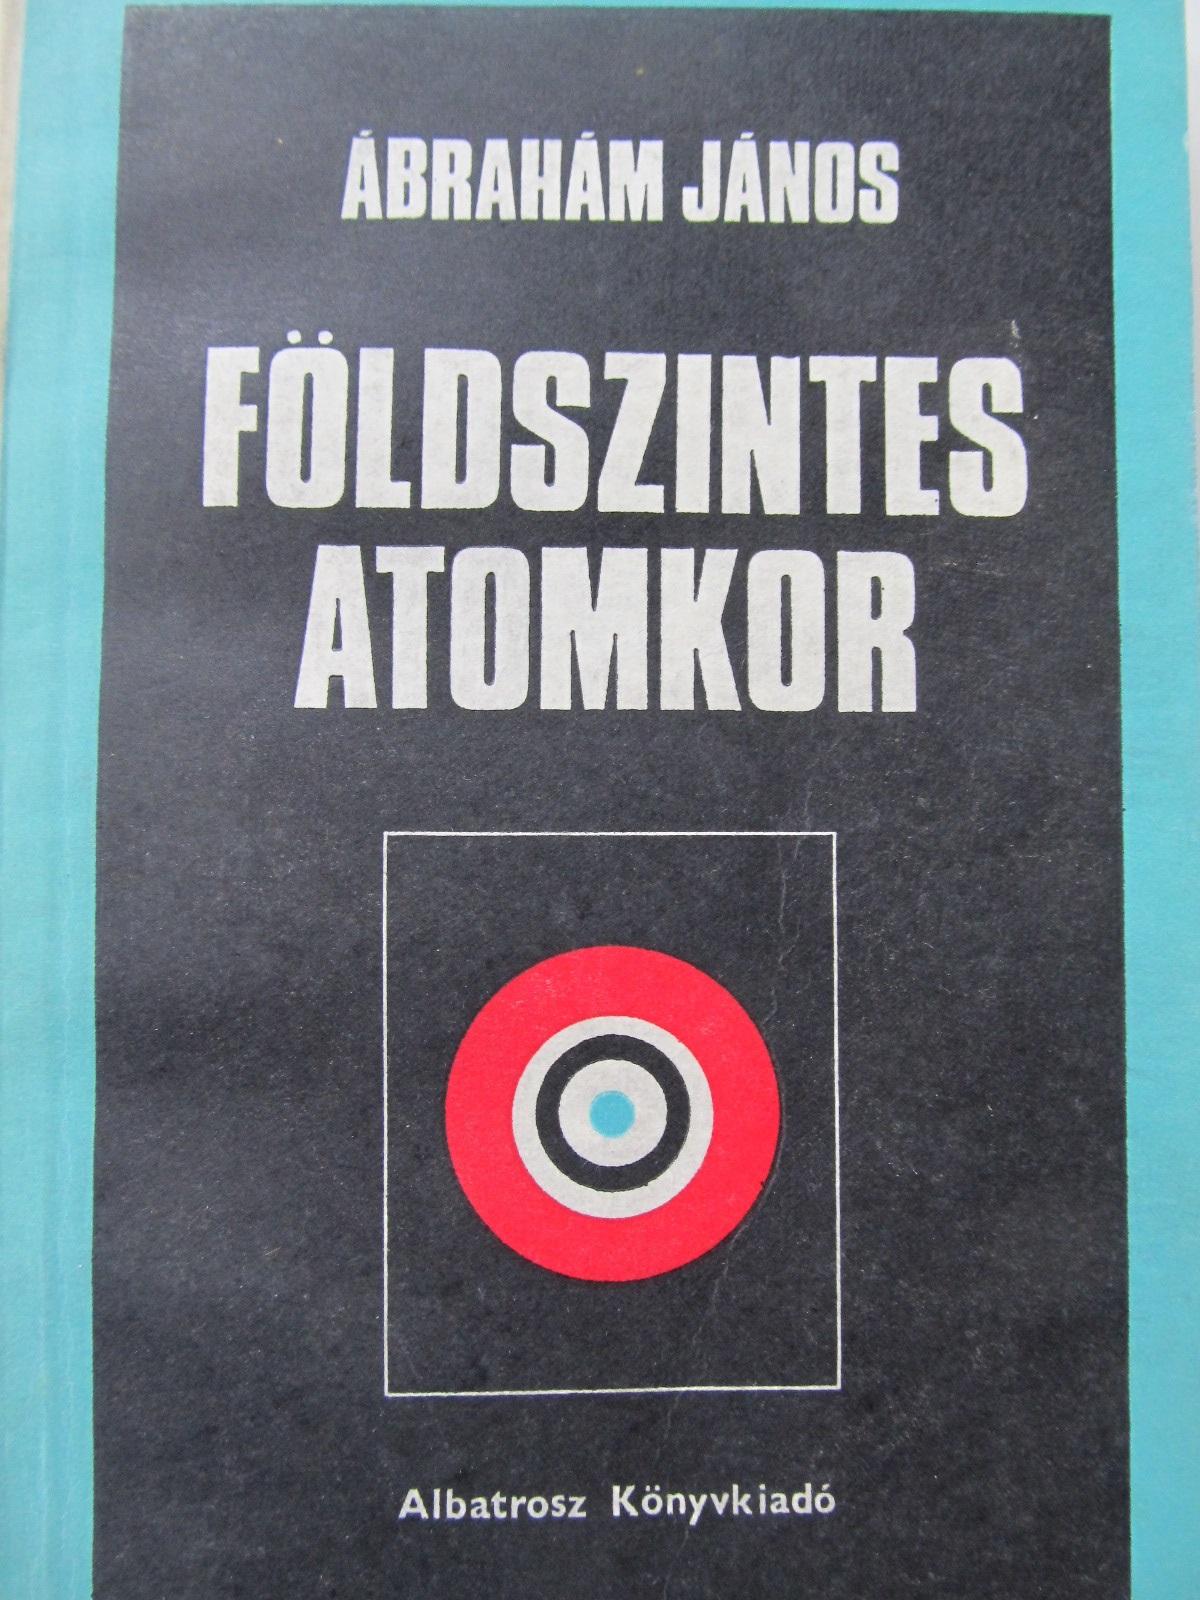 Foldszintes atomkor - Abraham Janos | Detalii carte